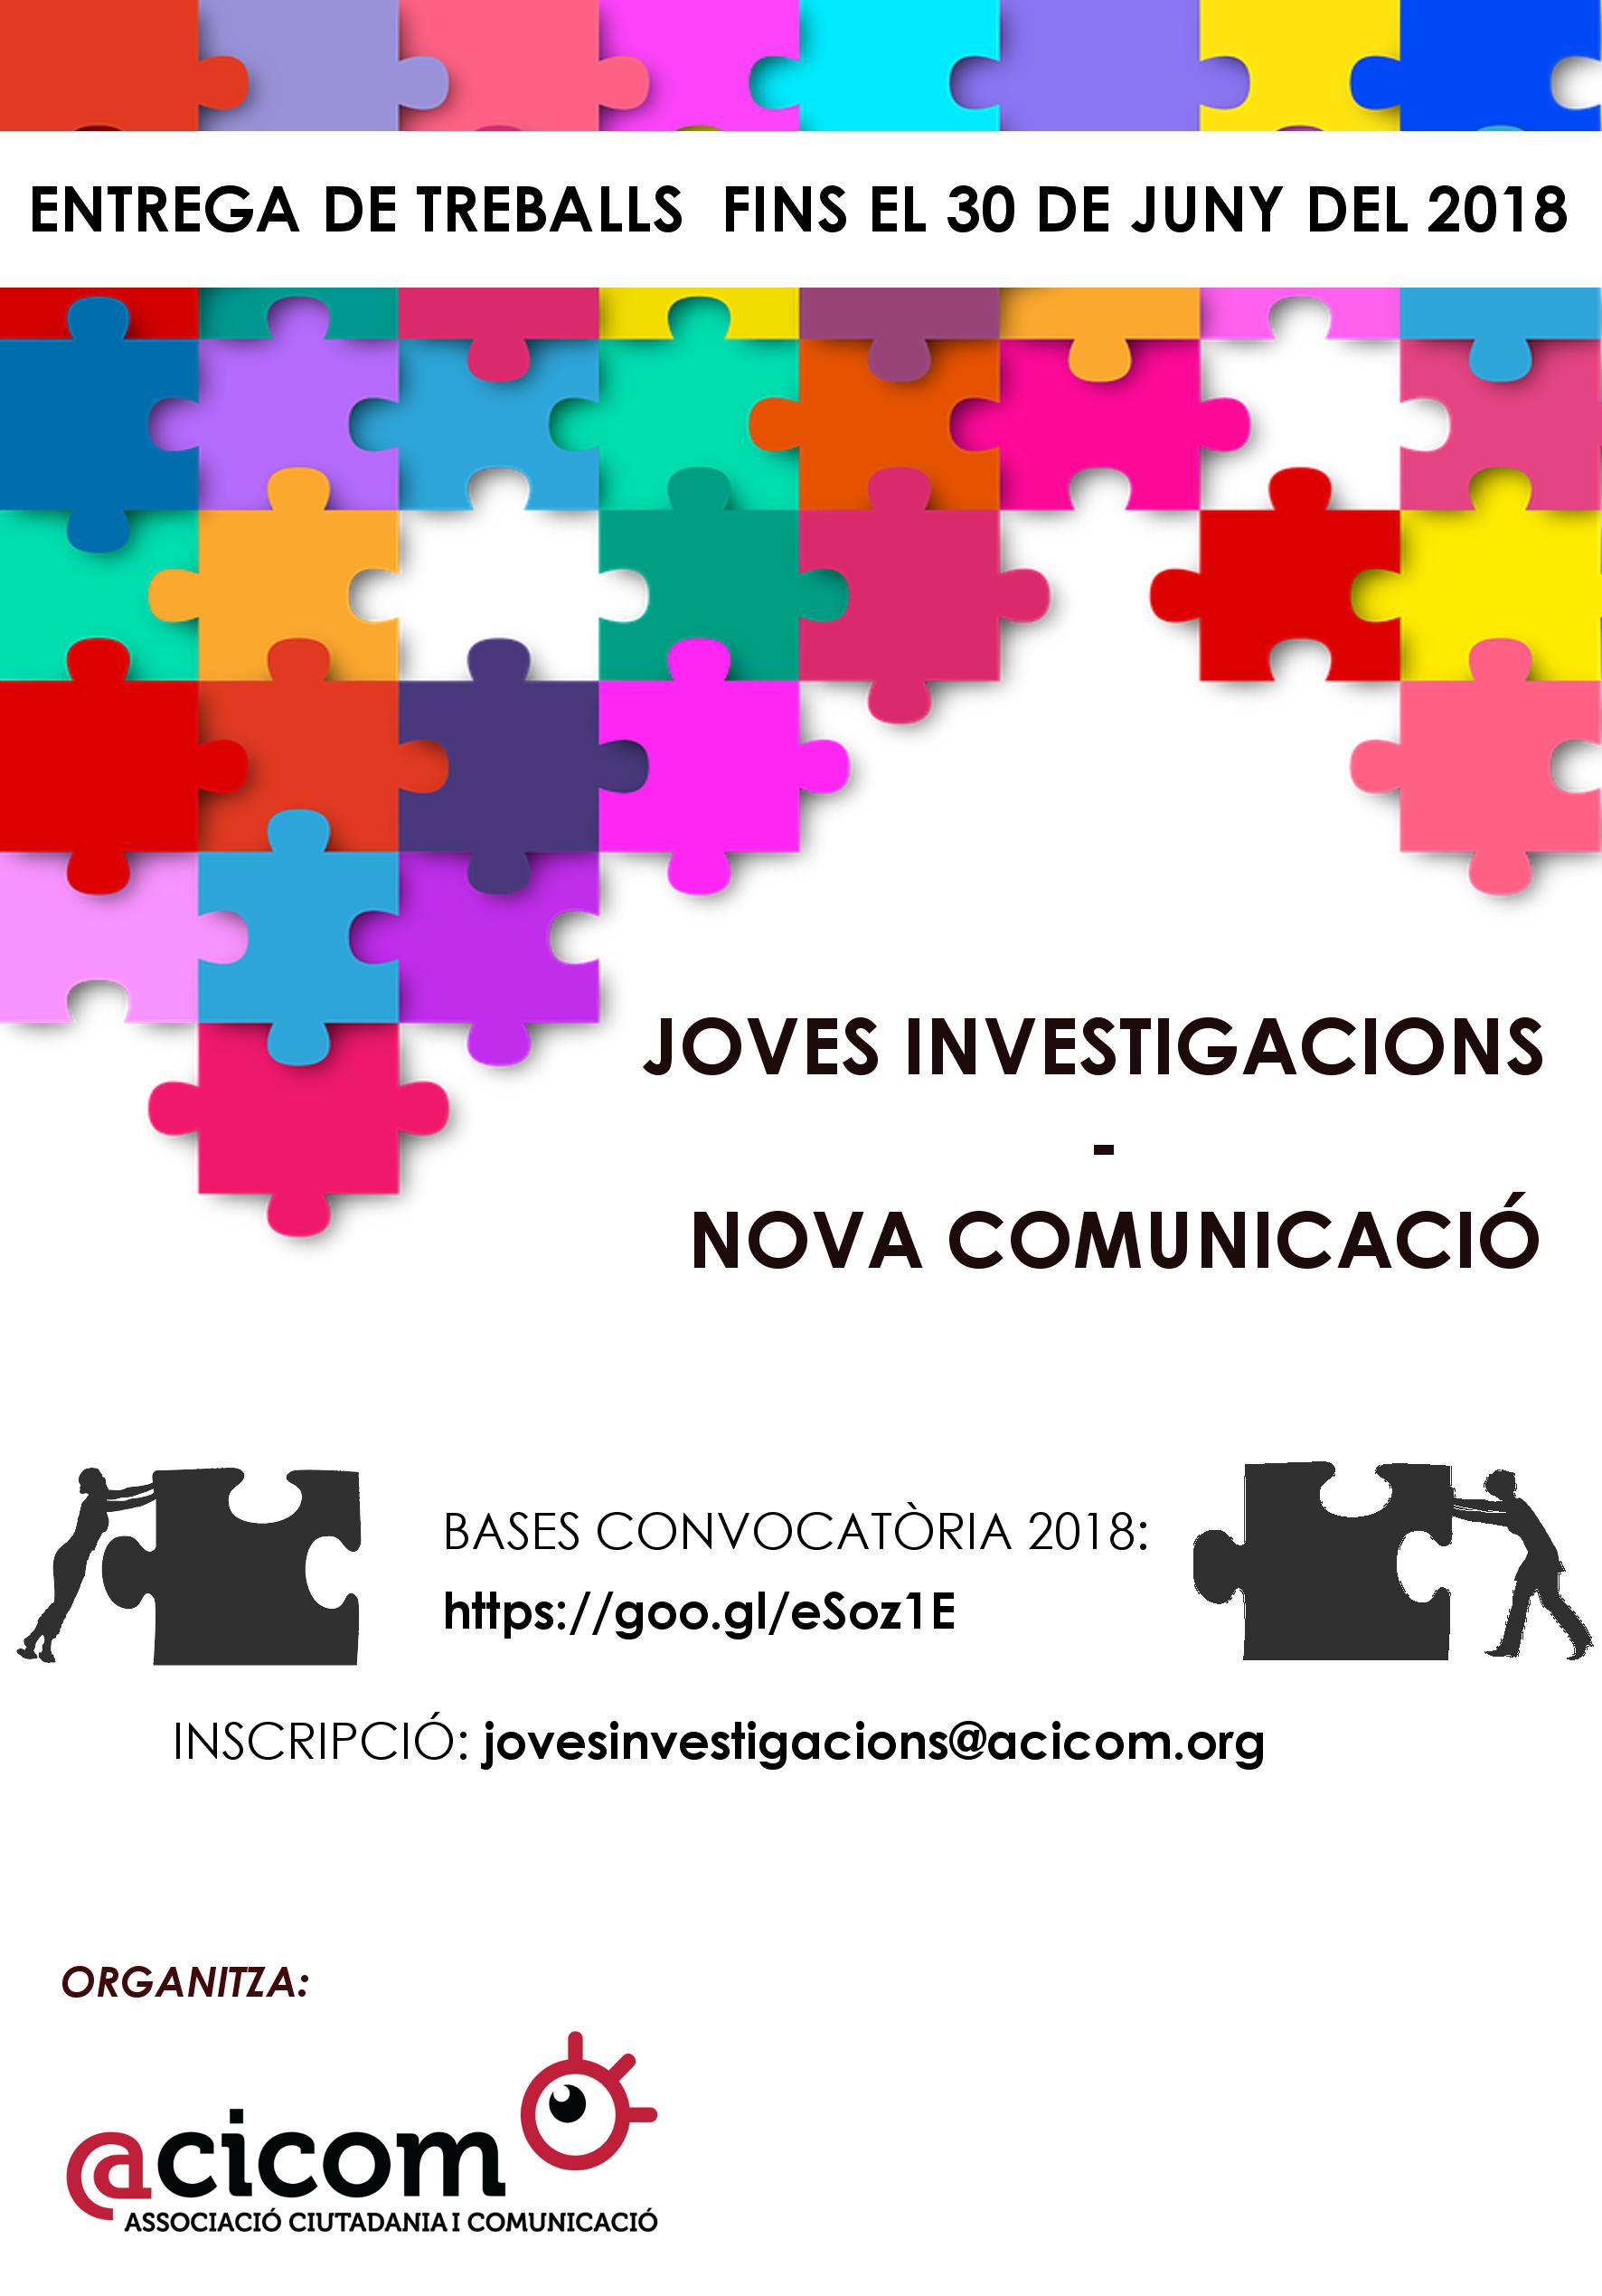 2018 Cartell Joves Investigacions Nova Comunicació